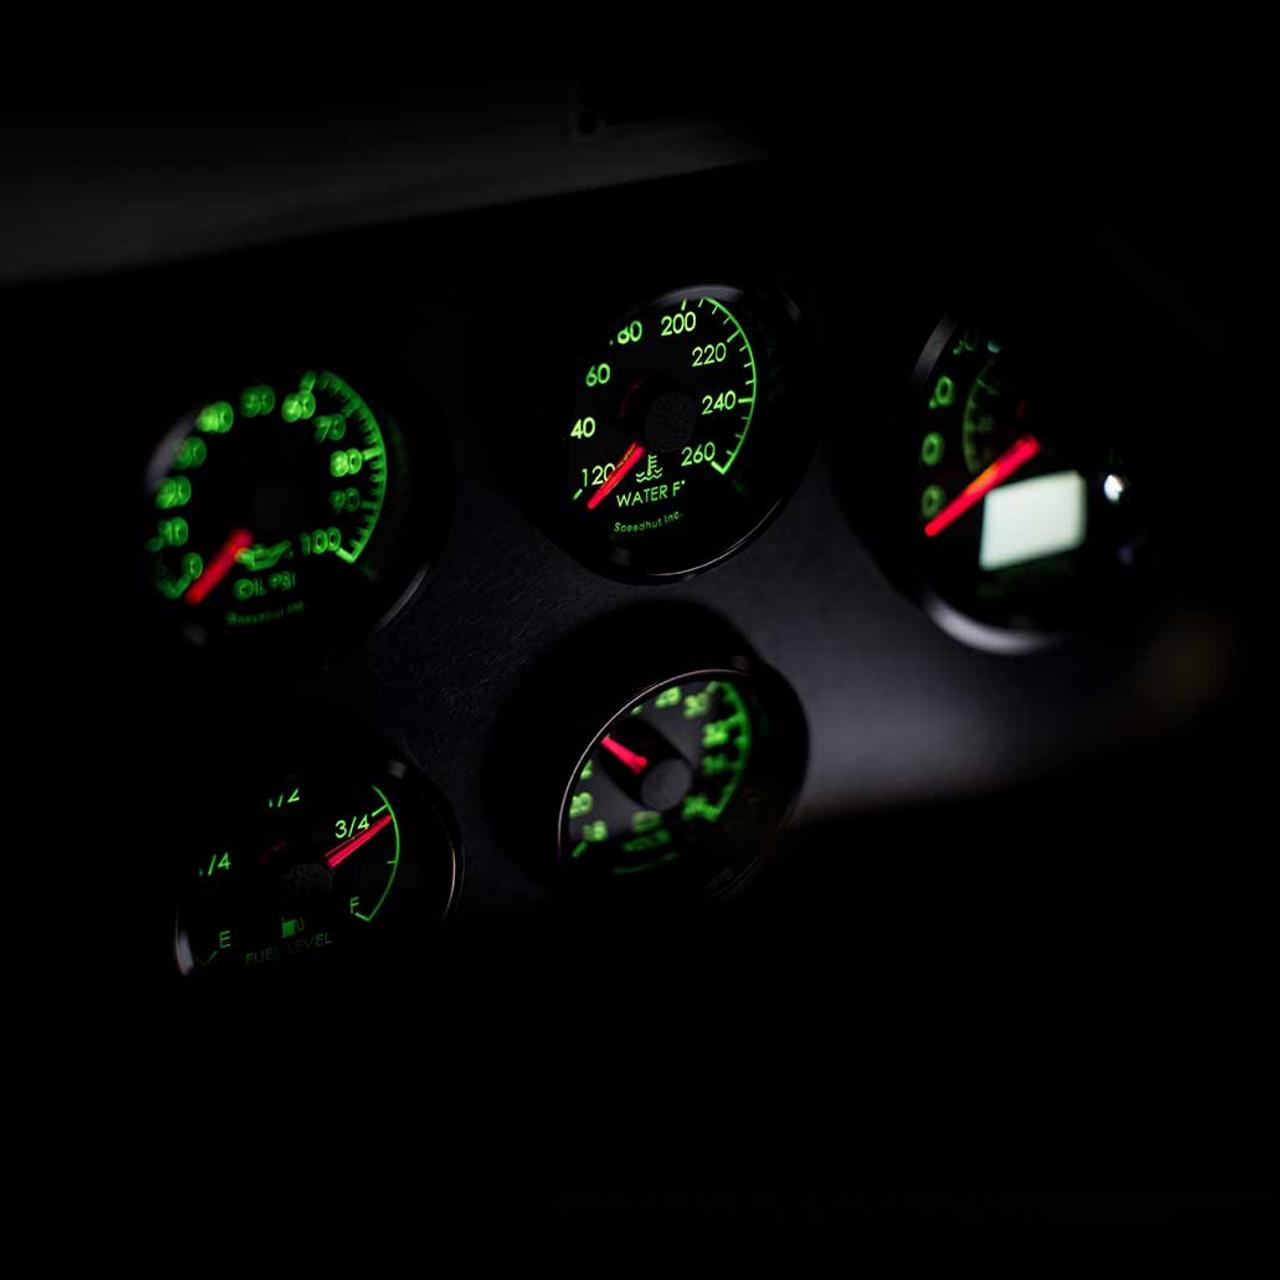 5 Gauge Kit - Humvee - GPS Speedometer, Oil psi, 18-36 Volt, Water Temp, Fuel Level